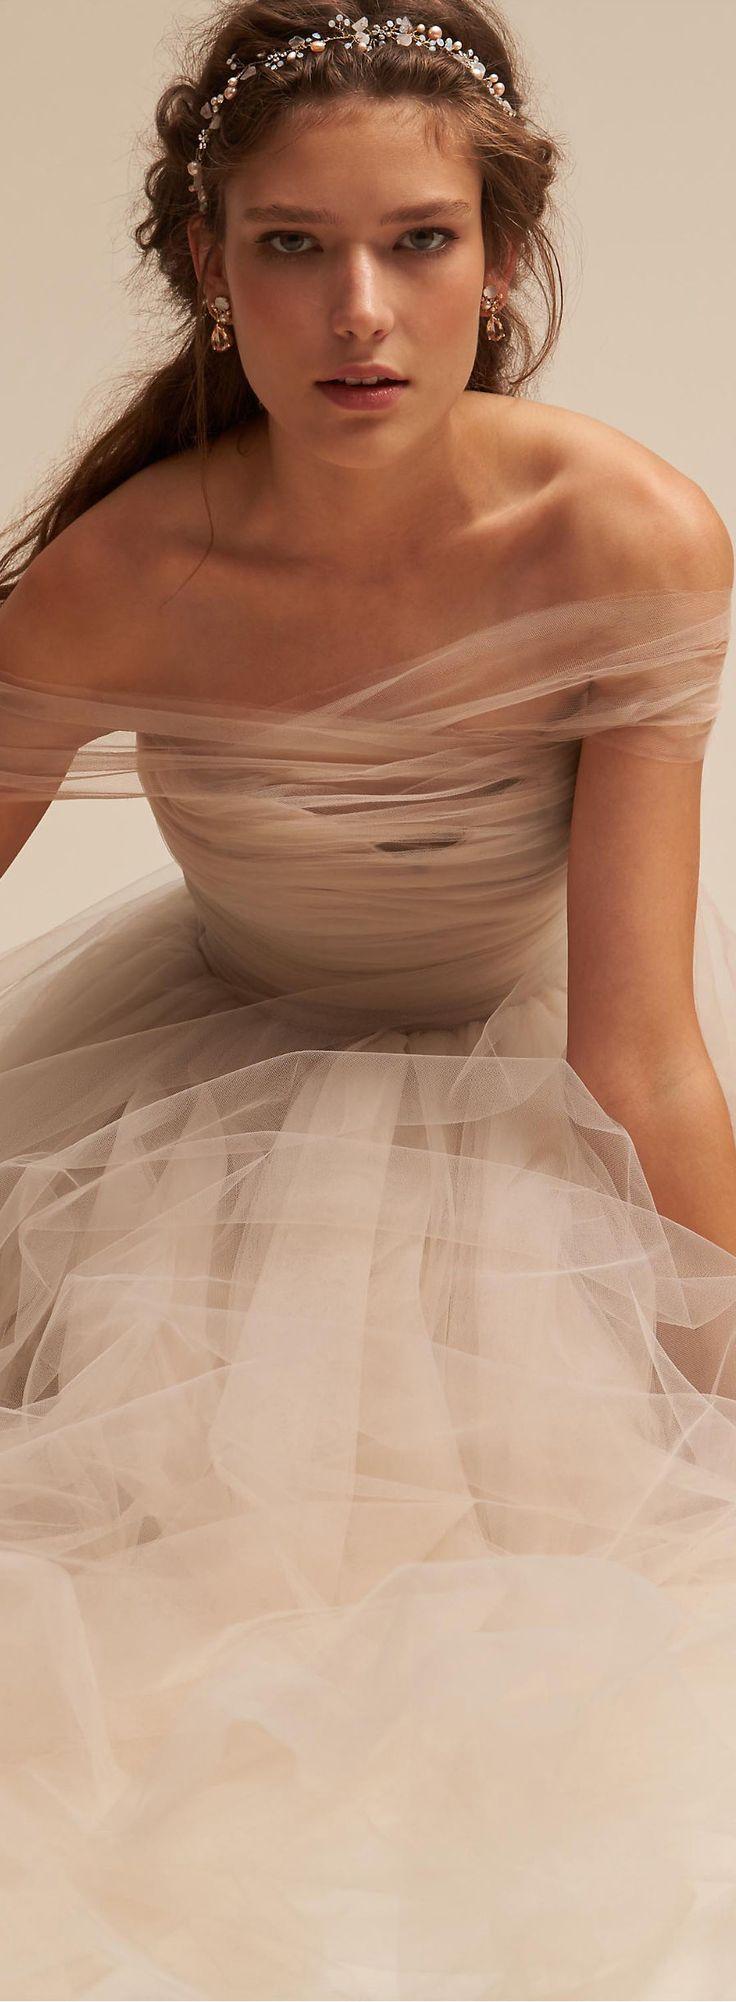 Gorgeous wedding gown | Wedding Ideas